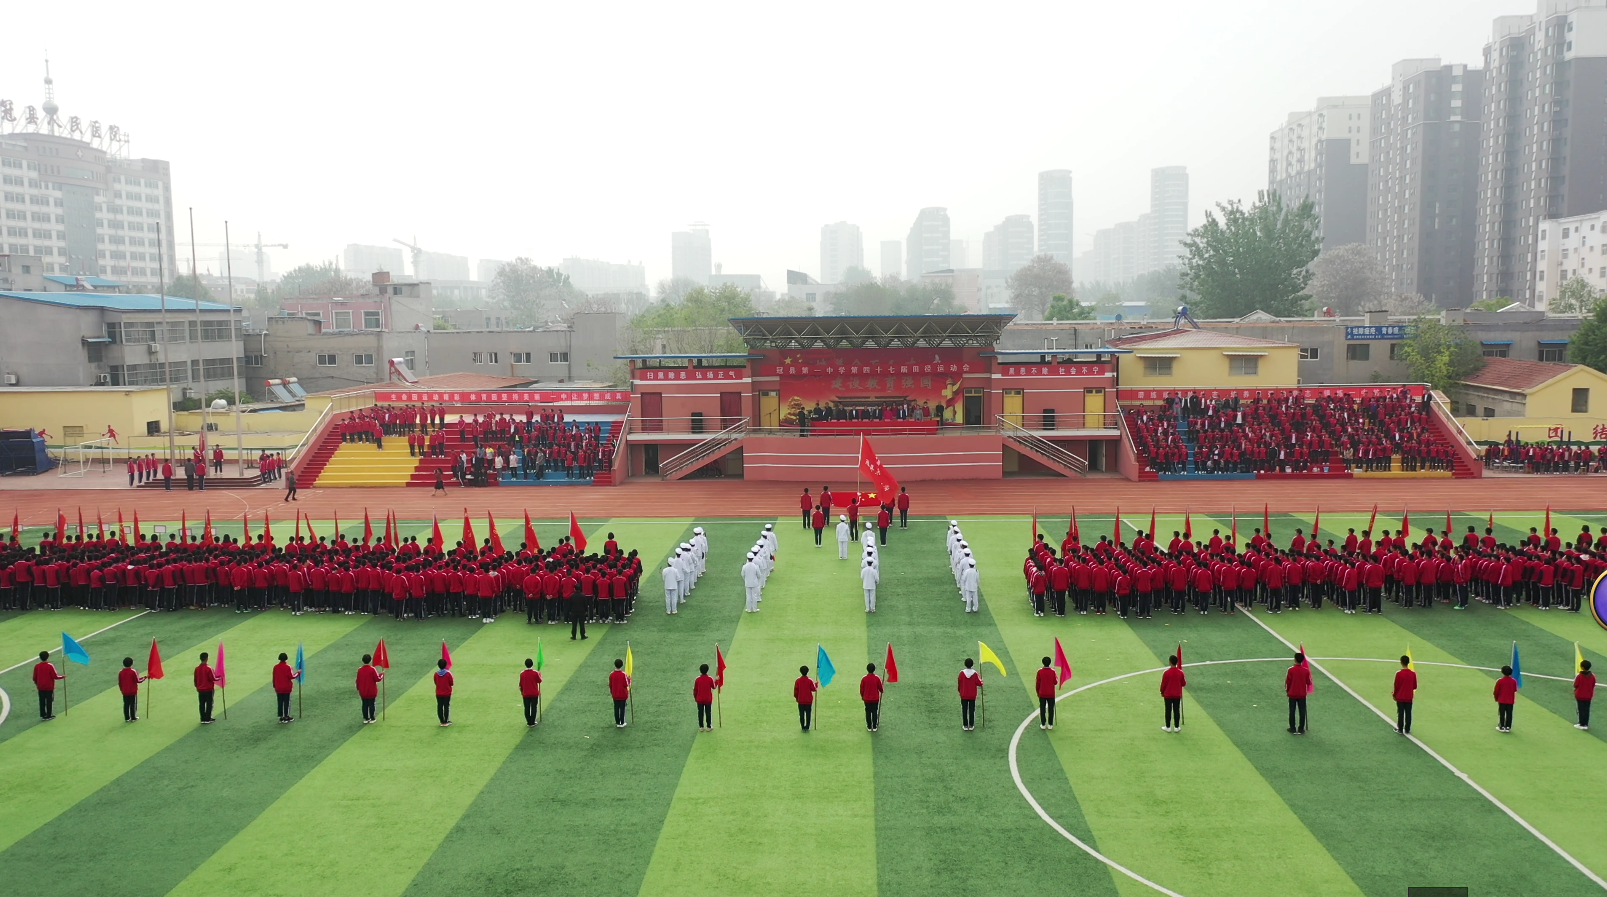 冠县第一中学第四十七届运动会全景照片.png